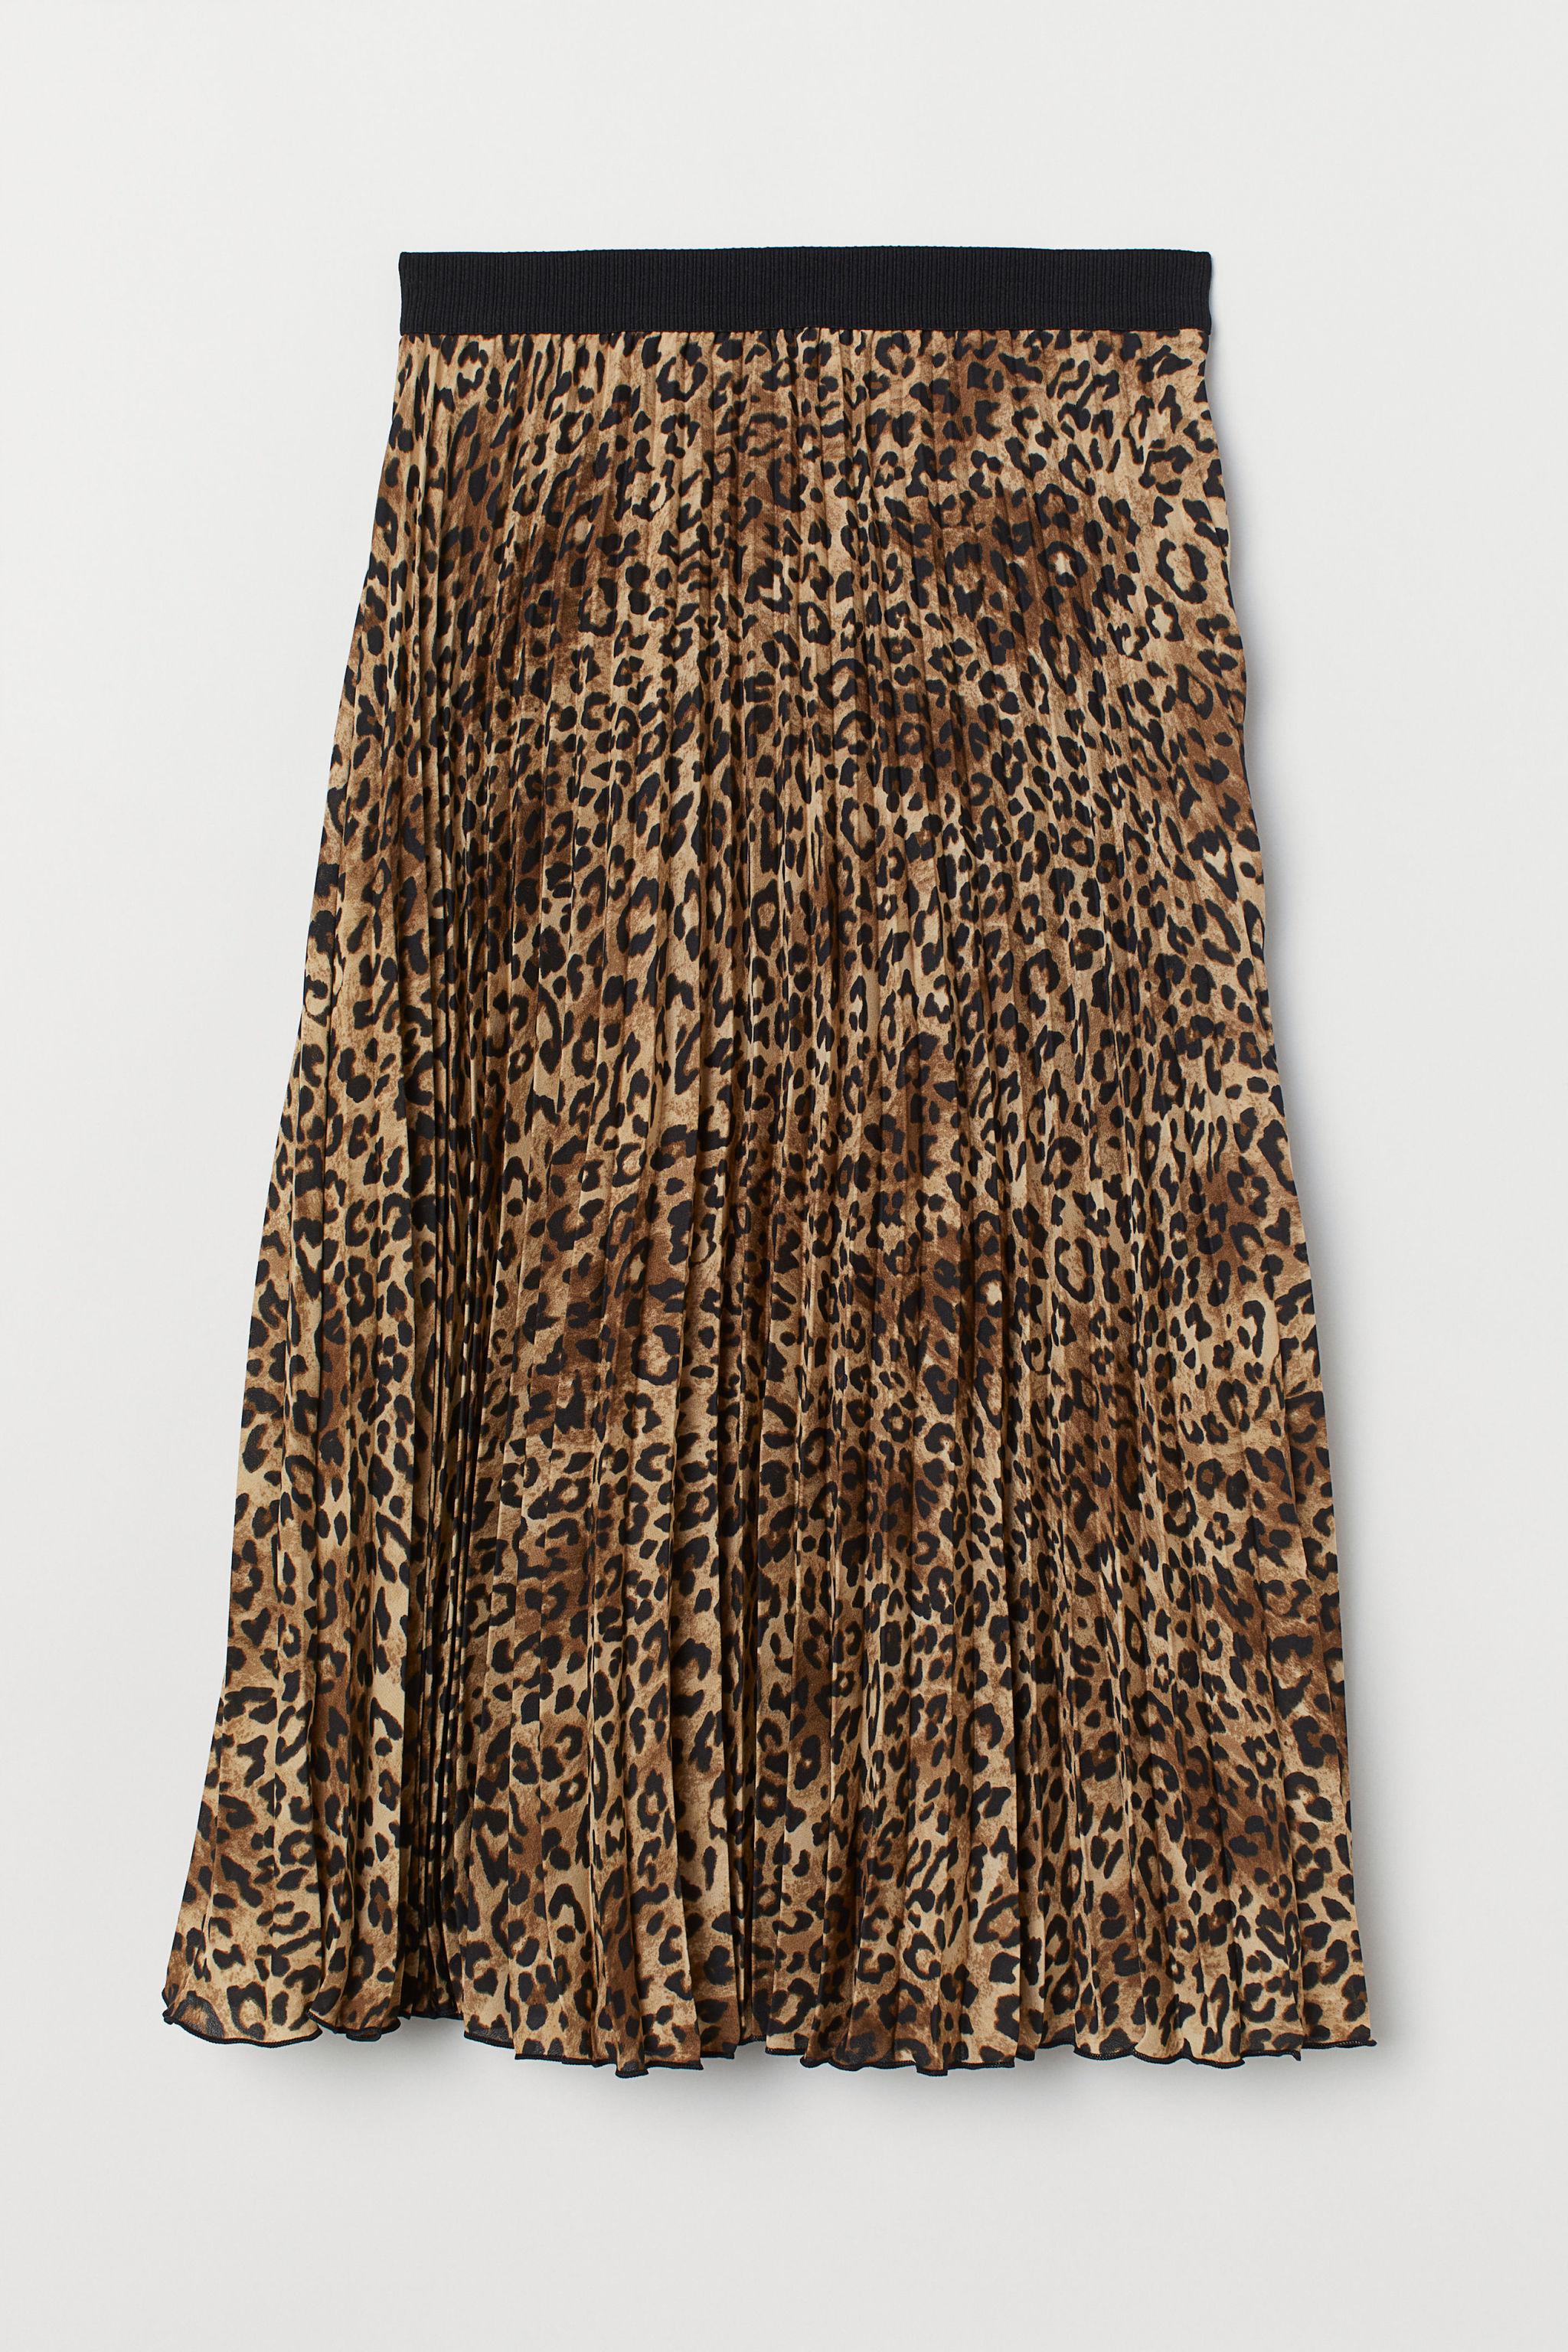 Falda de H&M (34,95 euros).